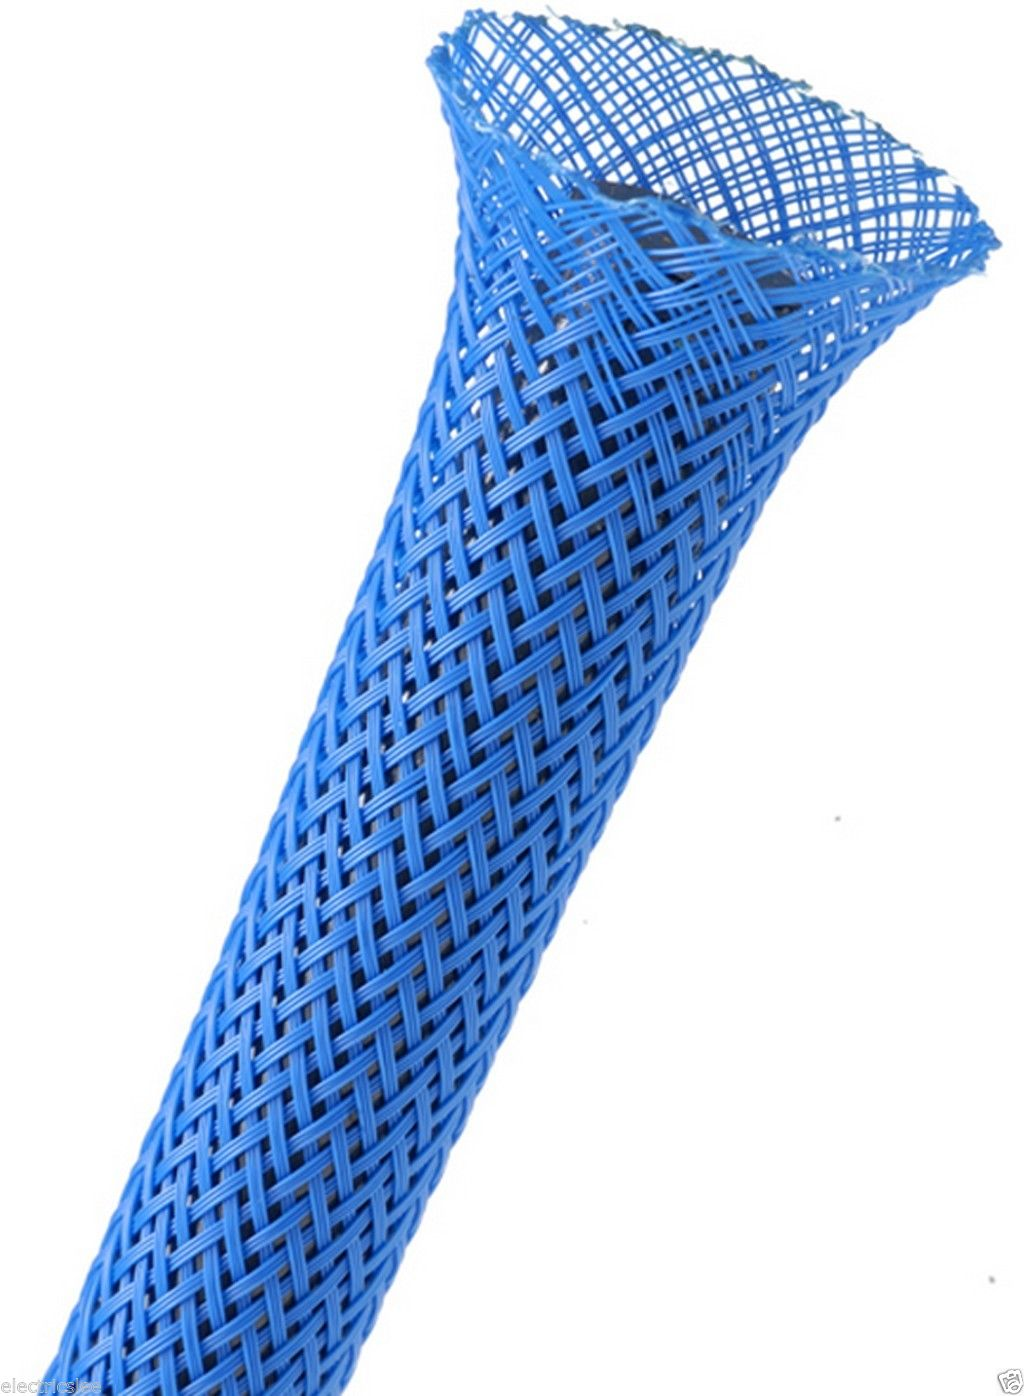 Afbeelding van Techflex Flexo Pet sleeving 3,2 mm blauw